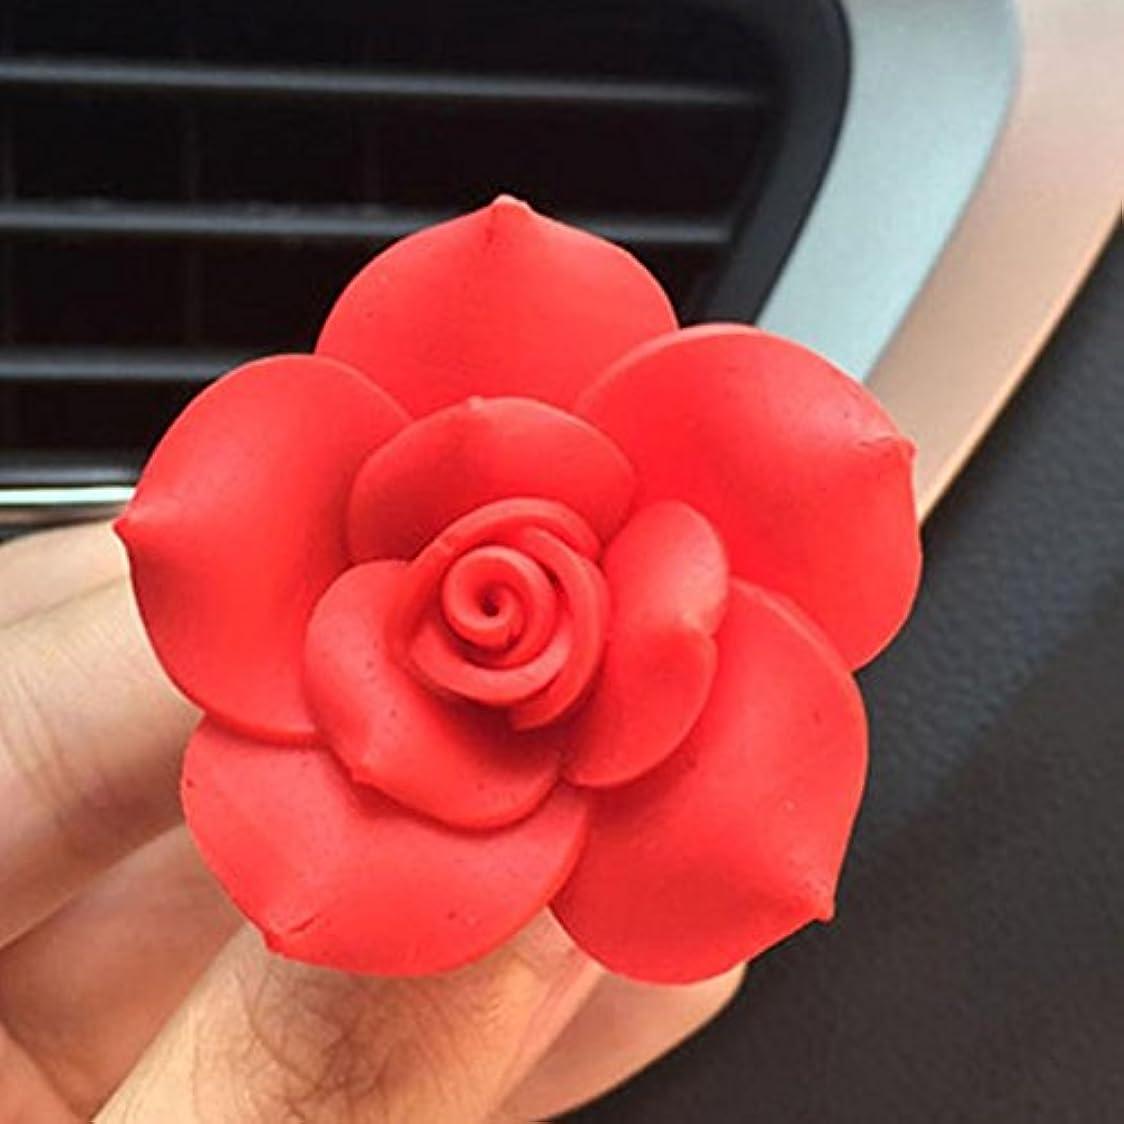 愛このロードハウスgessppo車ソフトSOTTERY Flower AirコンセントFragrant PerfumeクリップFreshener Diffuser